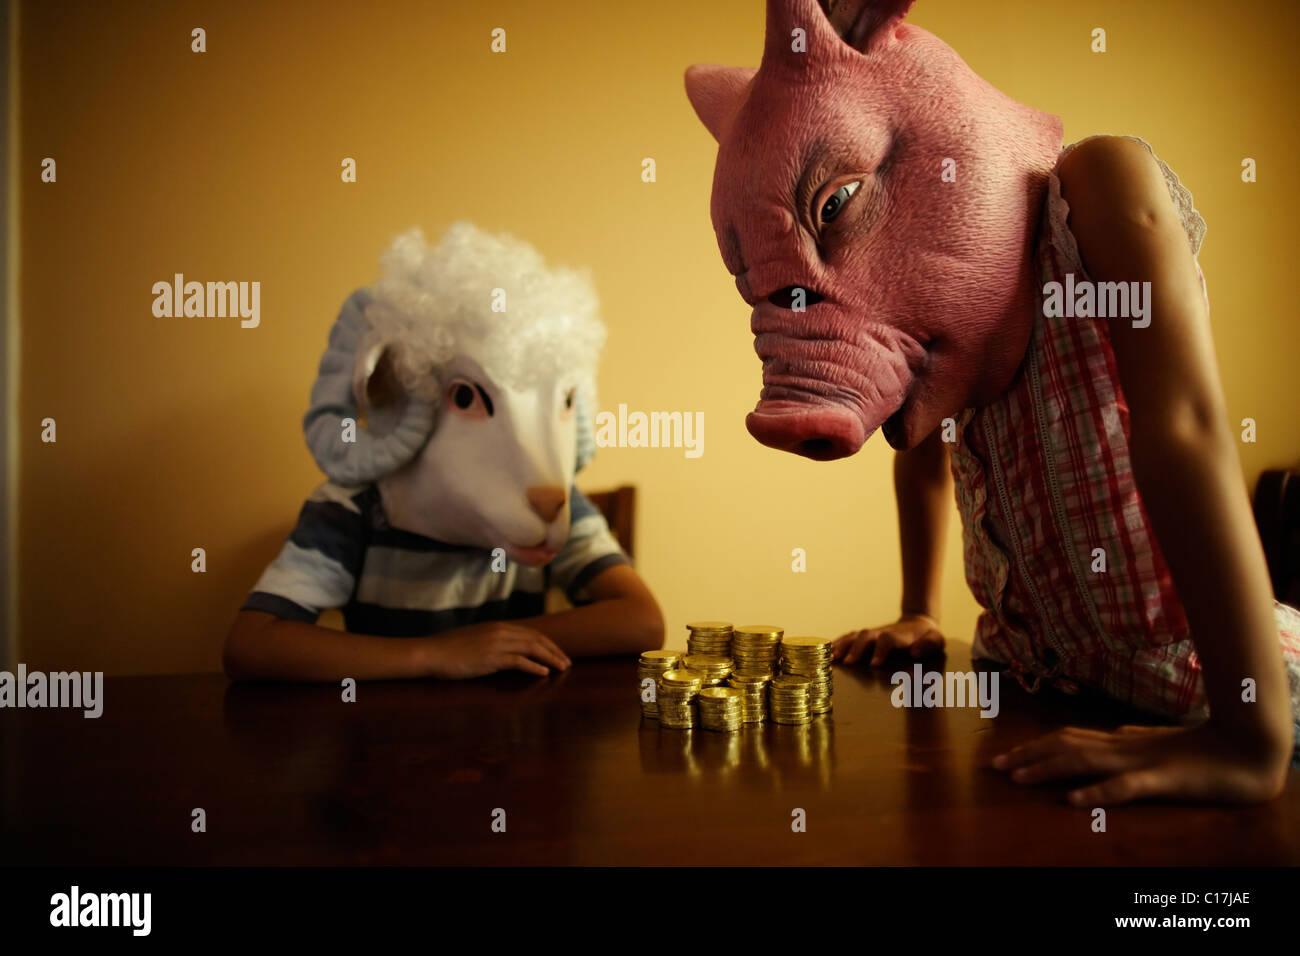 Miss cerdo ofrece asesoramiento financiero para dominar las ovejas. Foto de stock